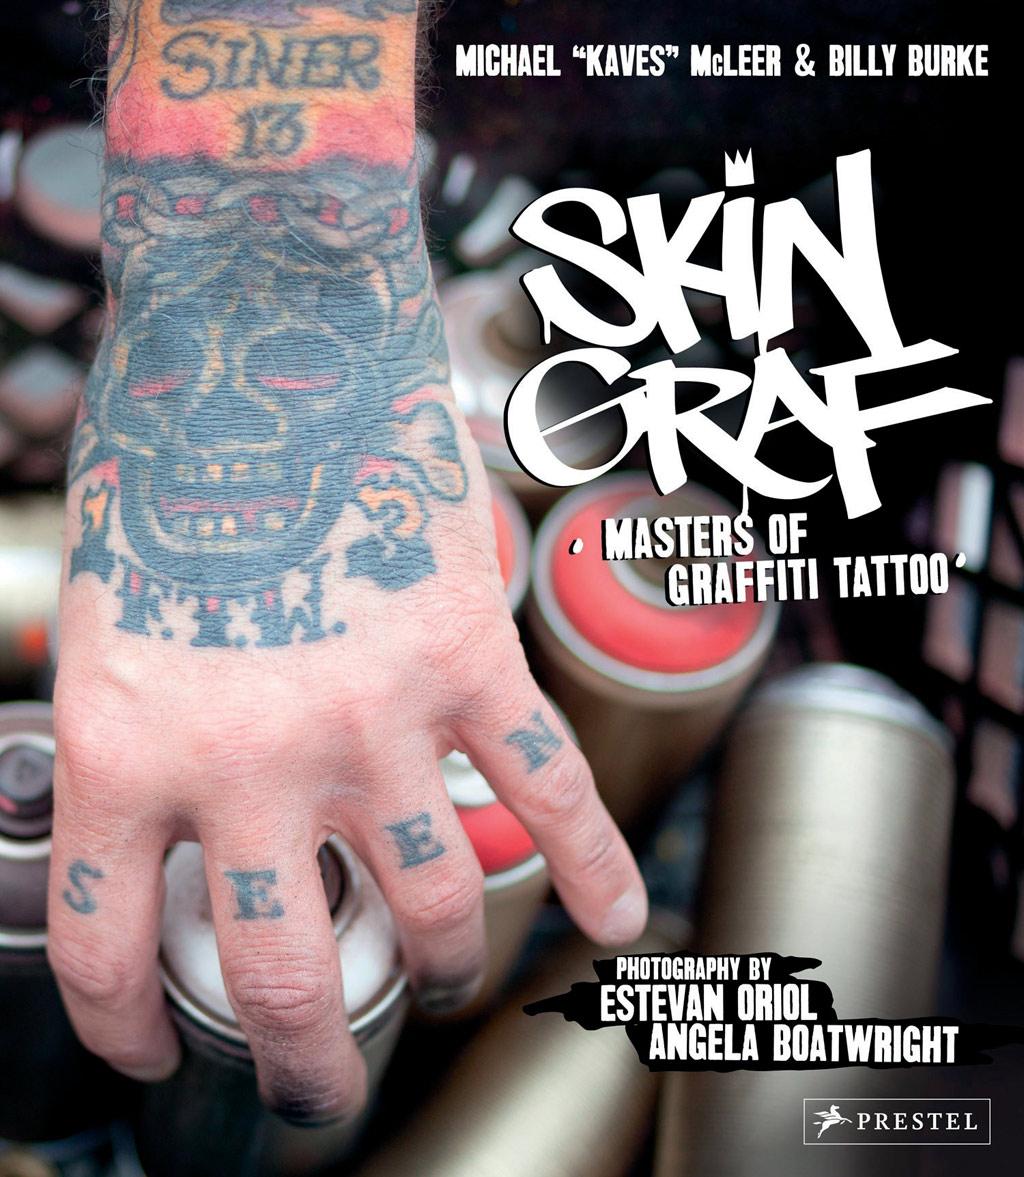 Skin_Graf